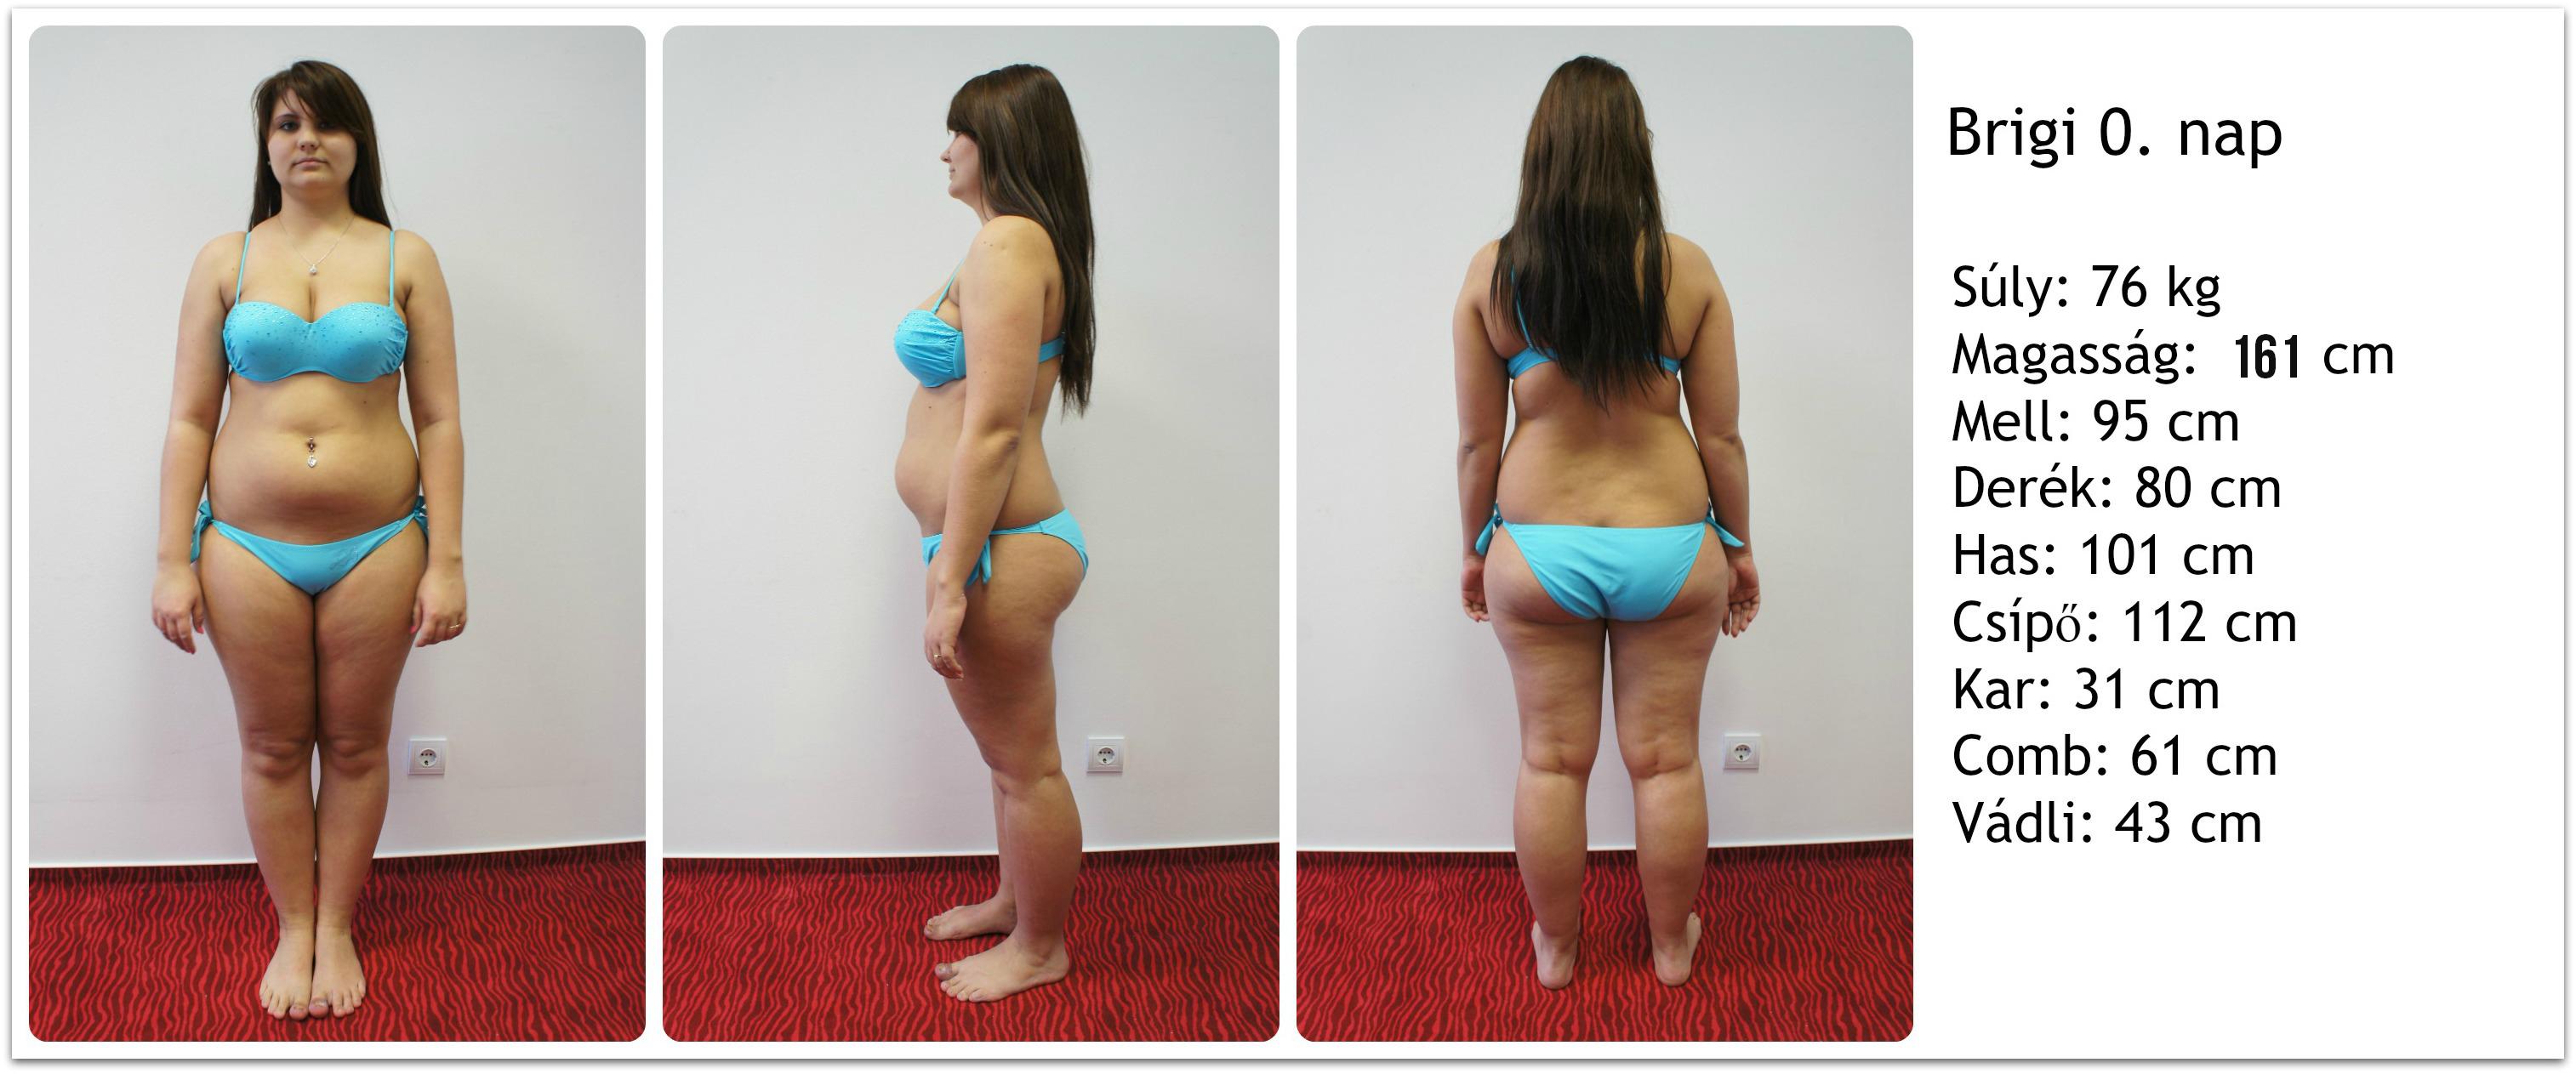 Judit kipróbálta ezt a módszert, és 4 hónap alatt 44 kilót fogyott - Blikk Rúzs